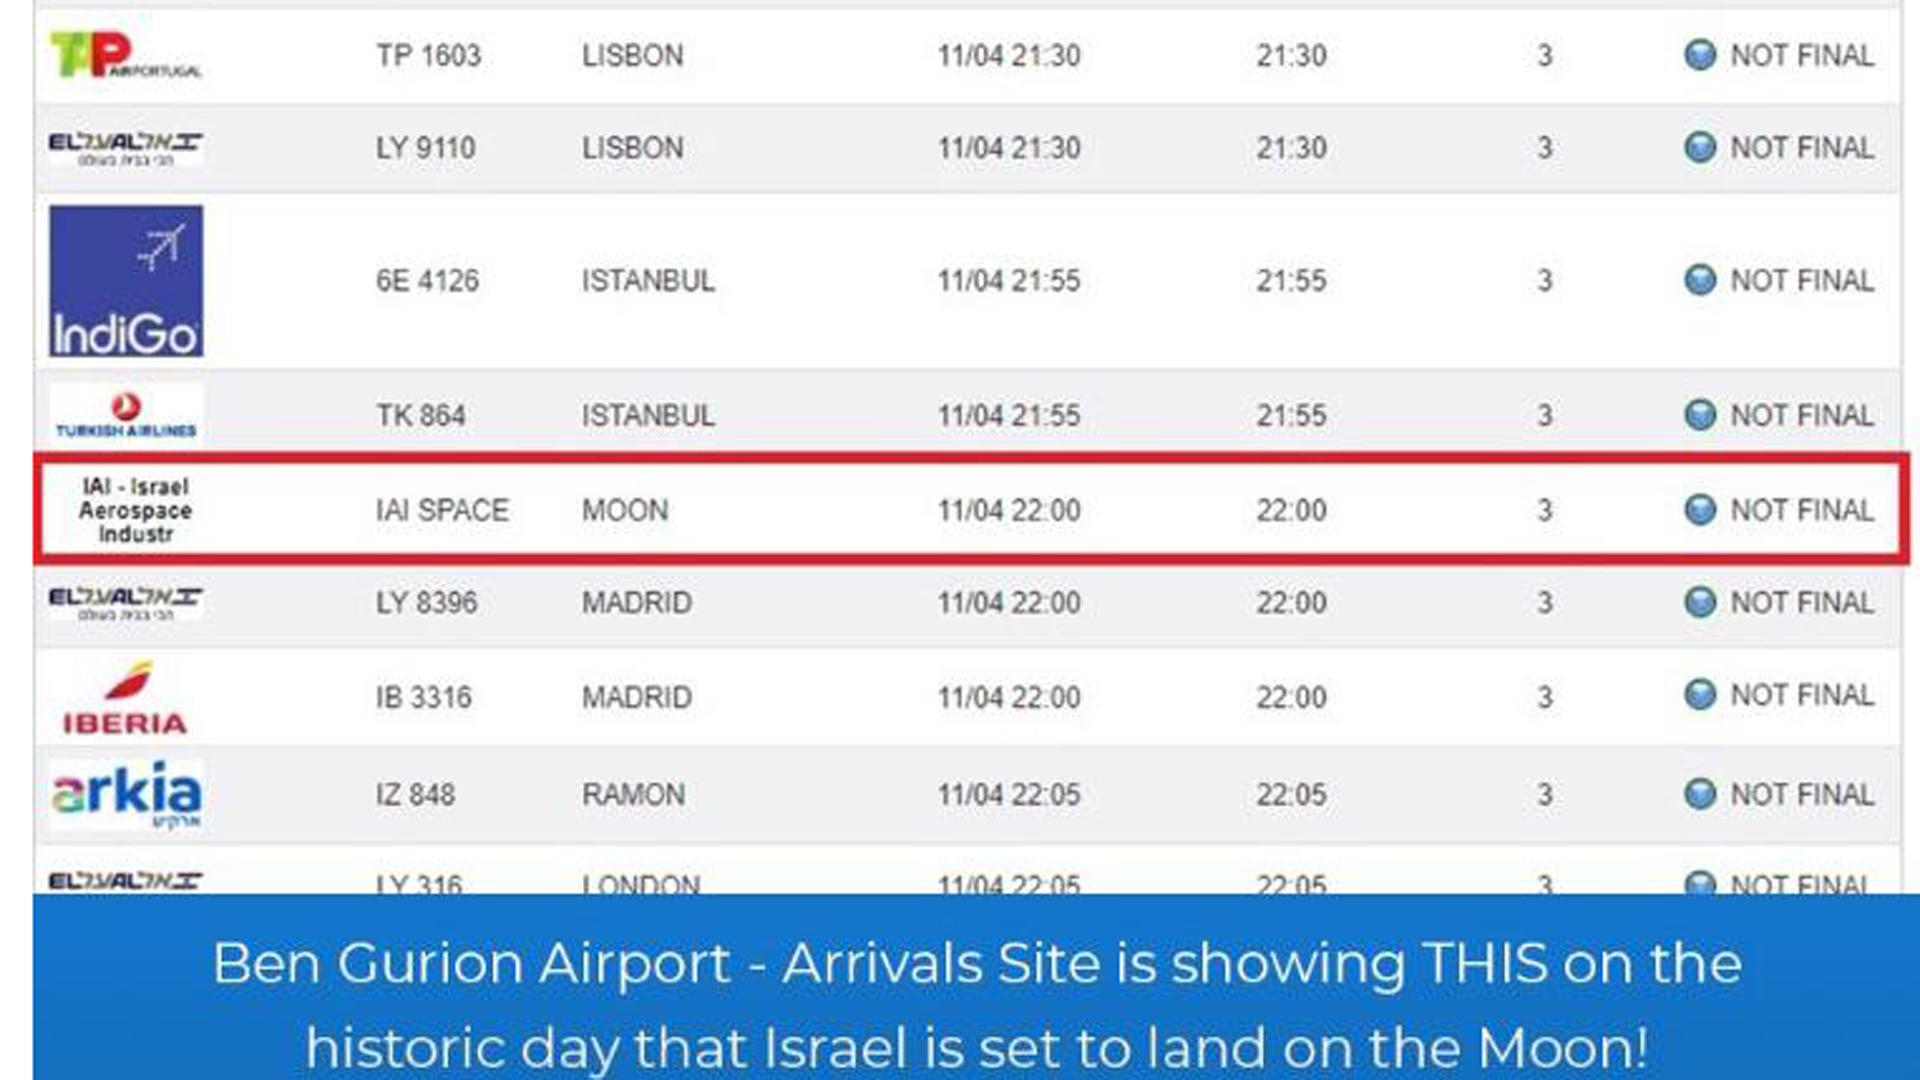 La pantalla de arribos en el aeropuerto Ben Gurion, en Tel Aviv, Israel